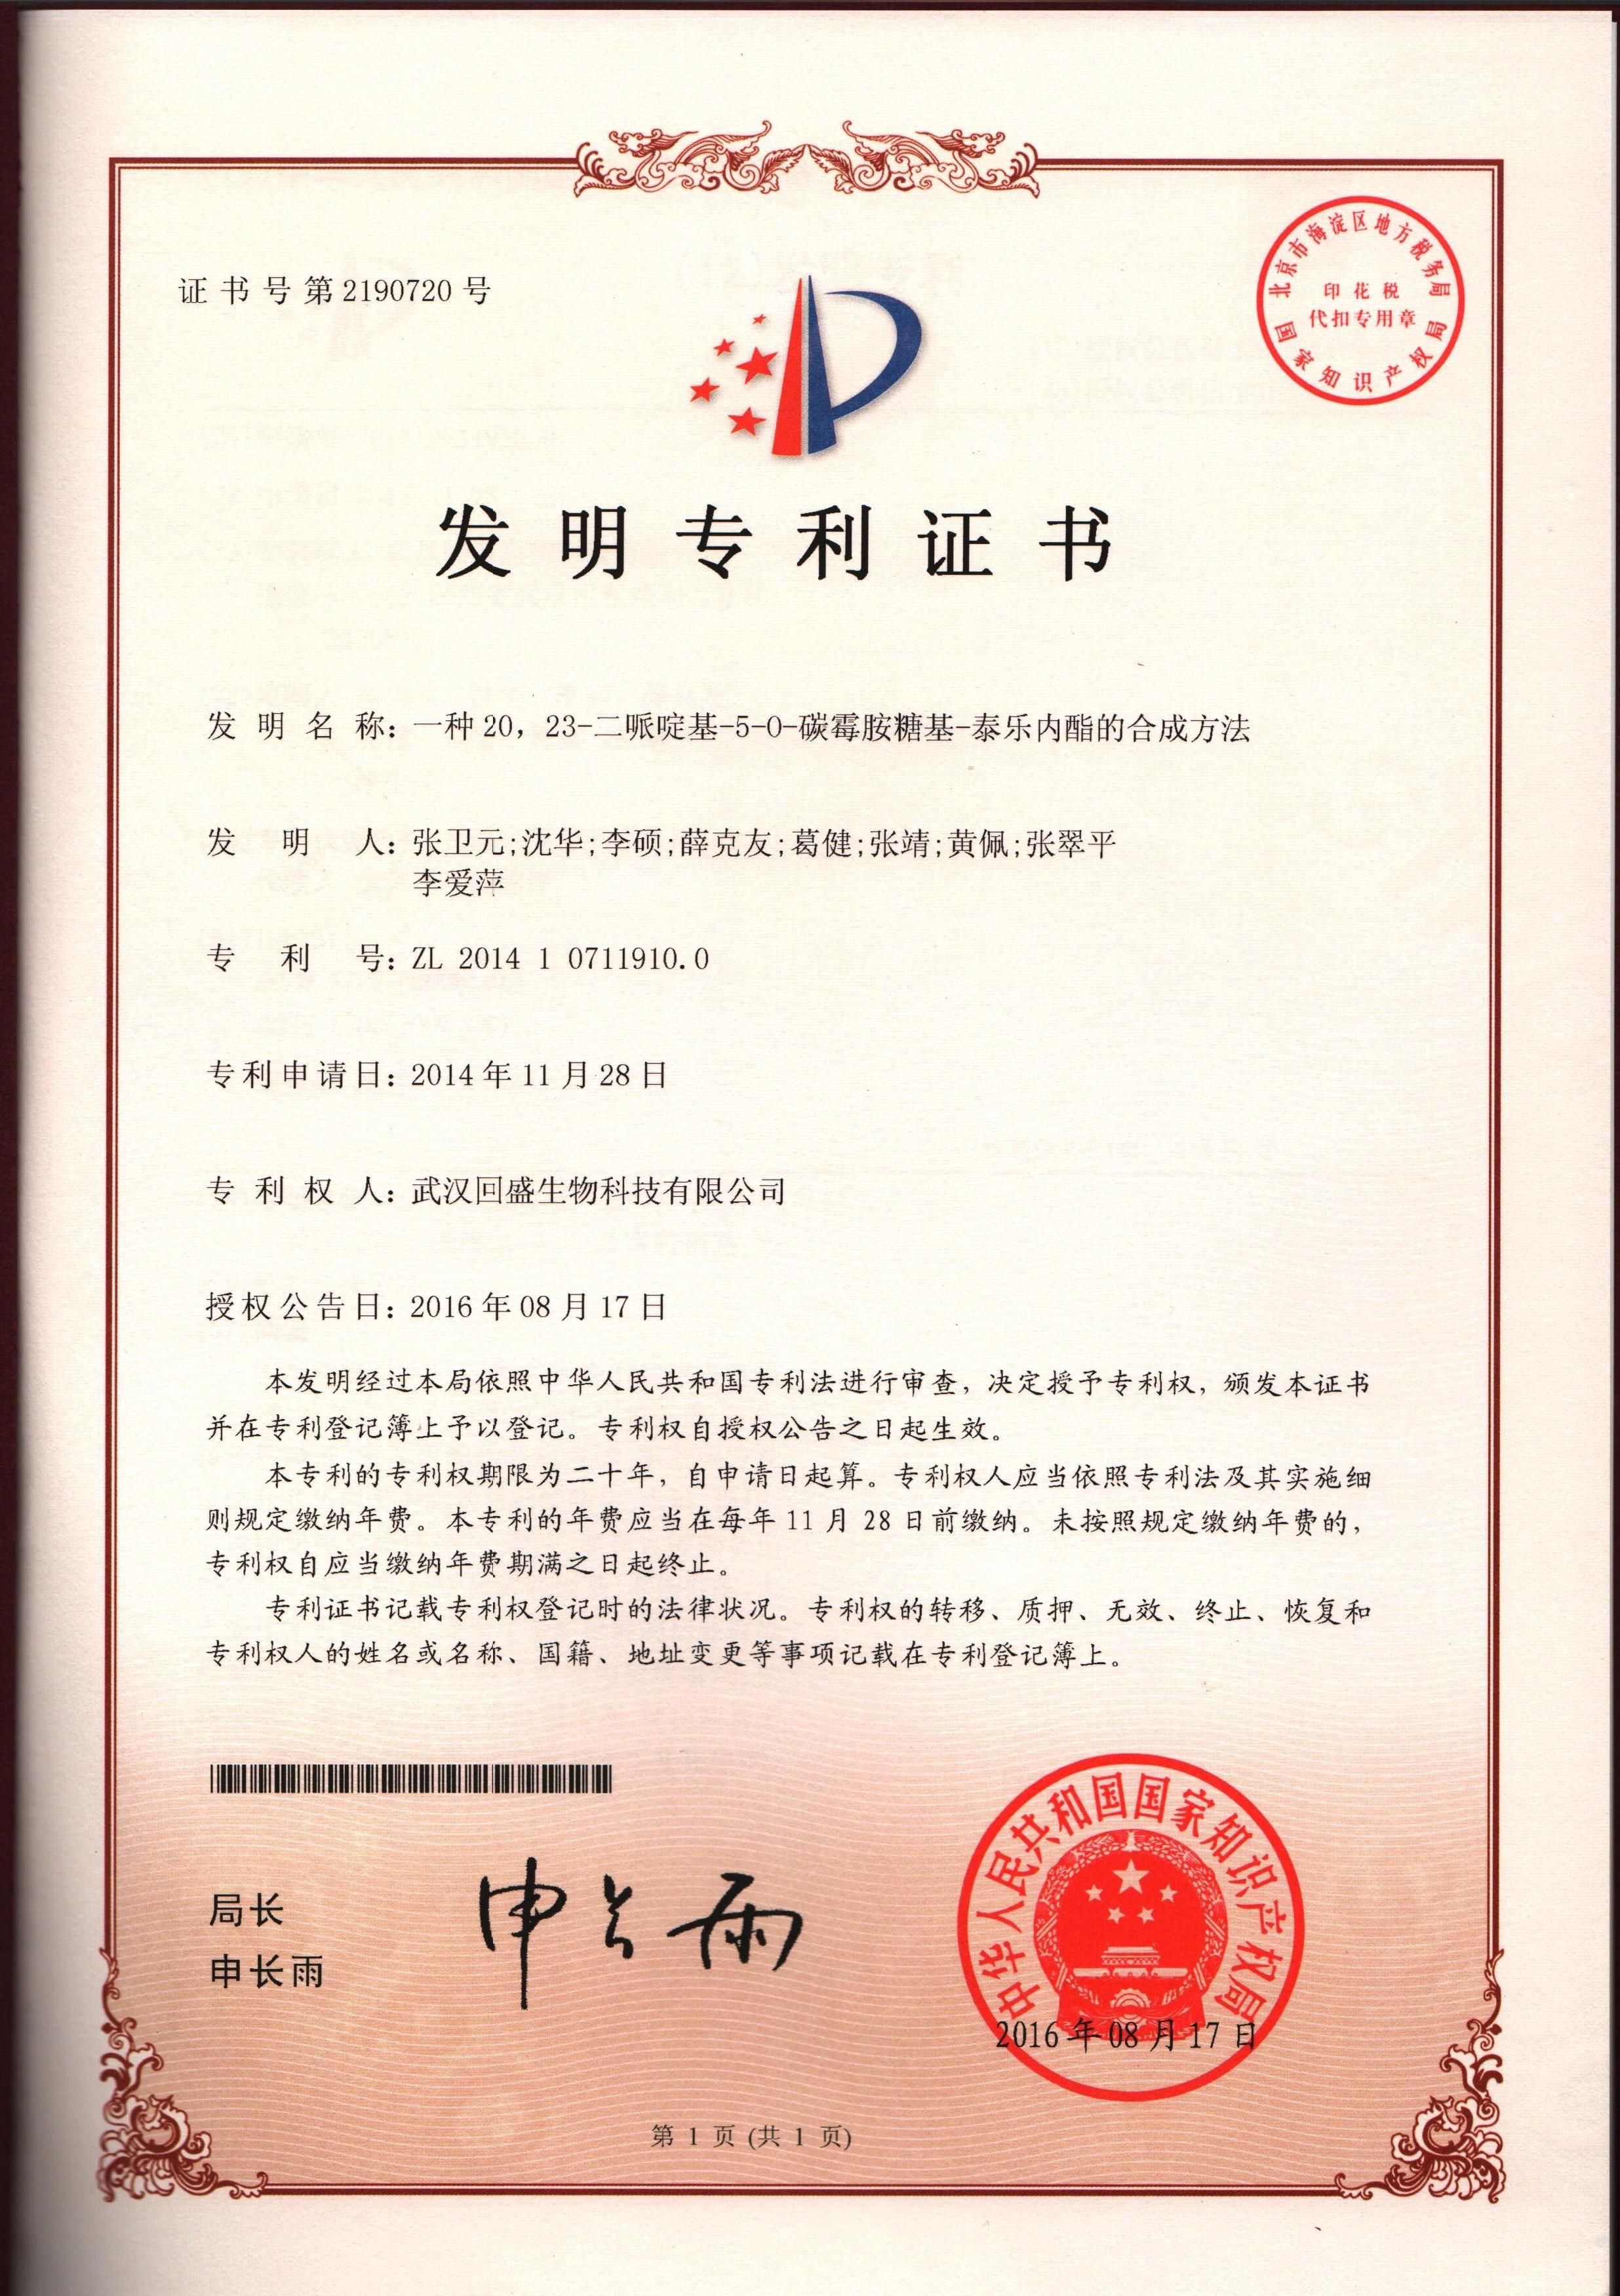 一种20,23-二哌啶基-5-0-碳霉氨基糖-泰乐内酯泰乐内酯的合成方法